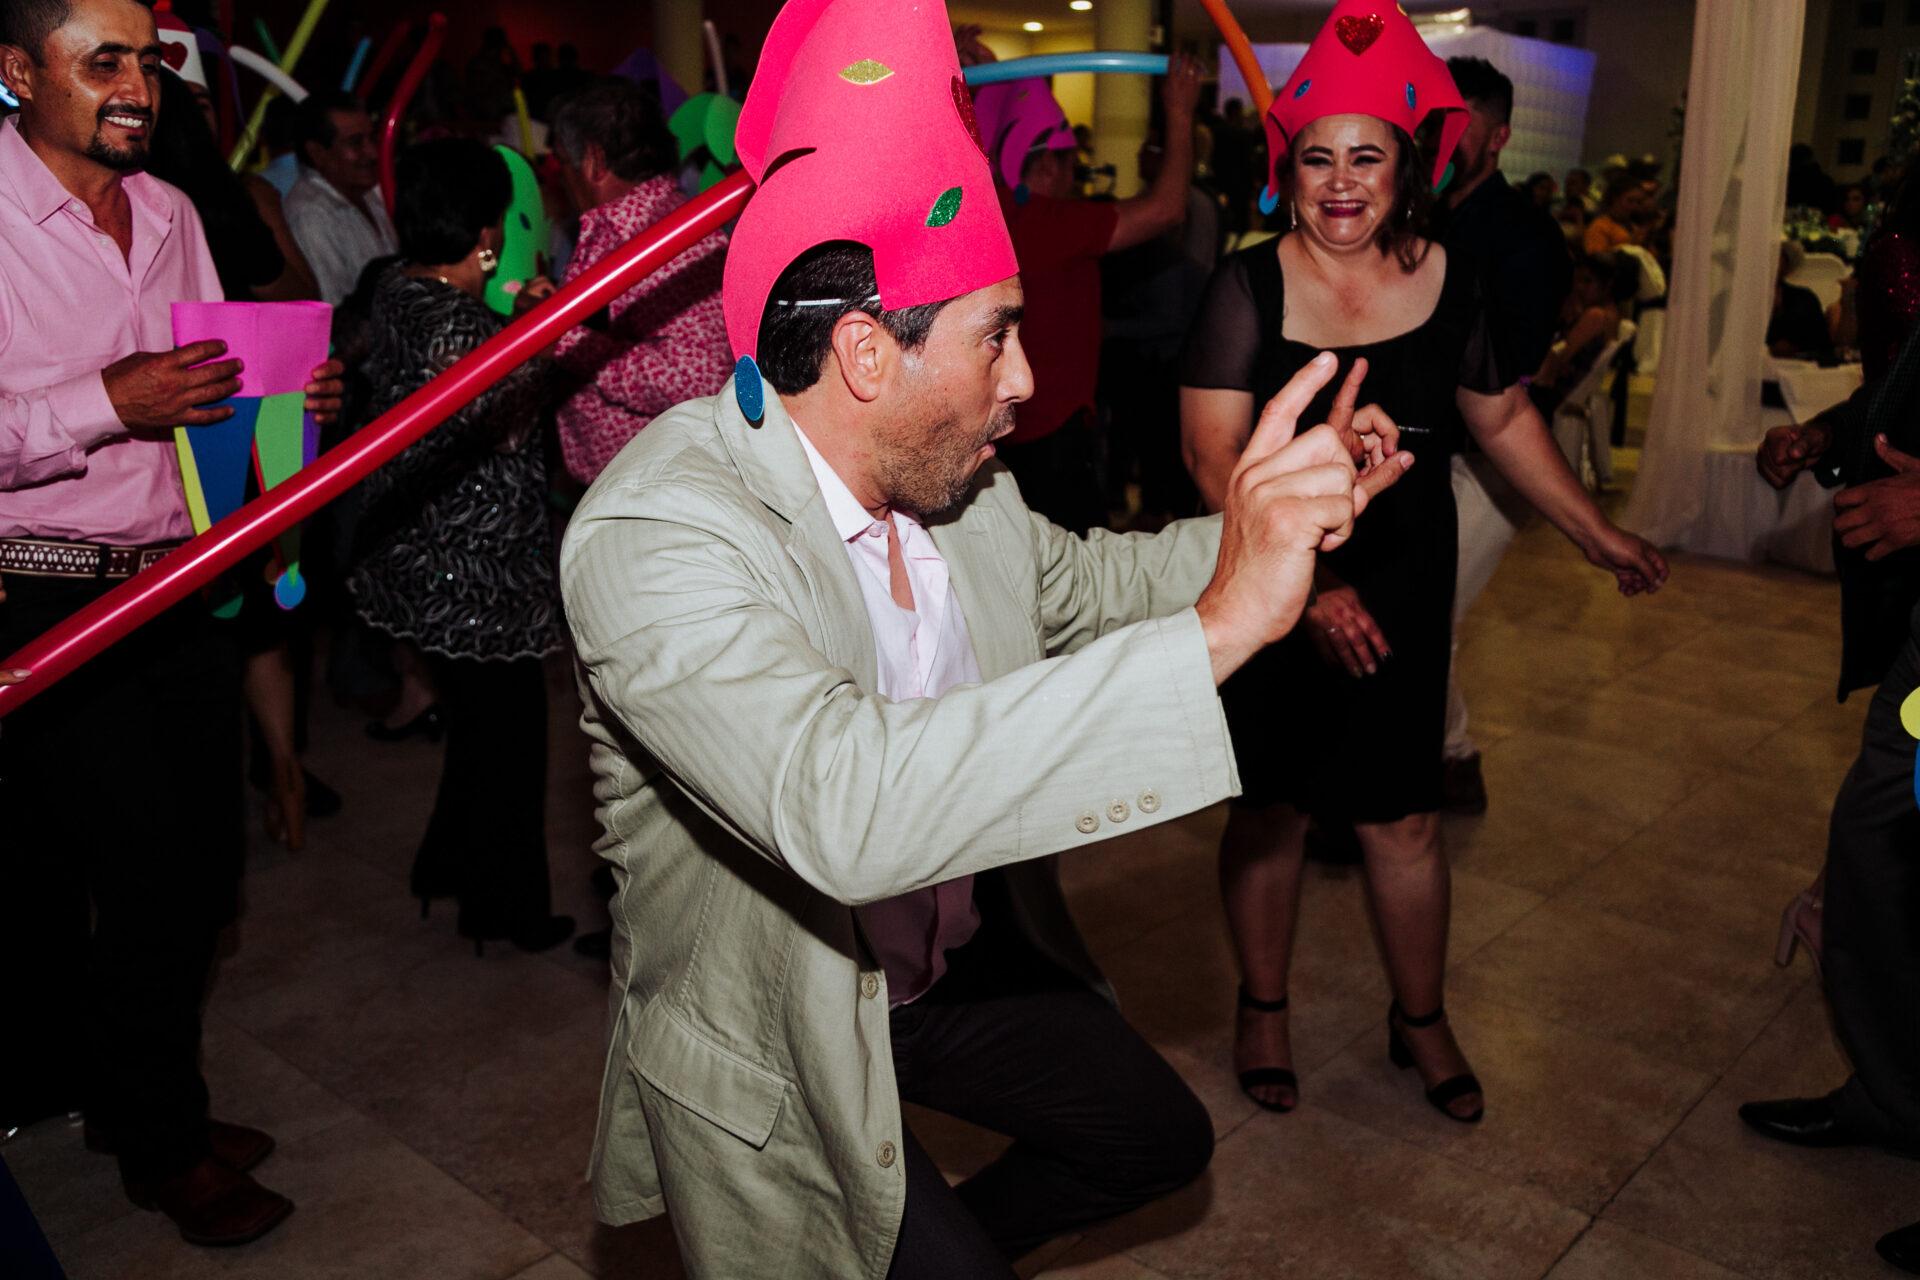 javier_noriega_fotografo_bodas_zacatecas_fresnillo_chihuahua_wedding_photographer27a